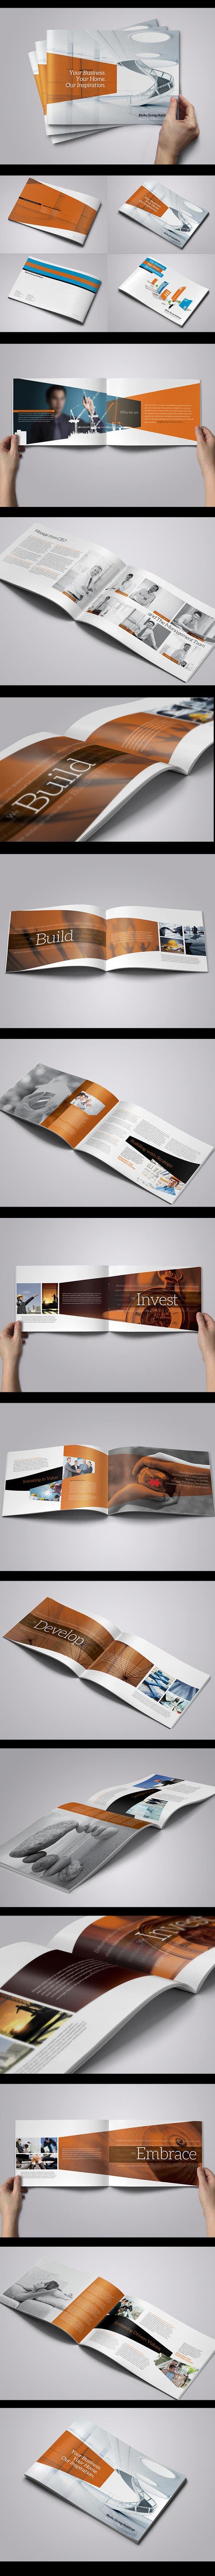 Proposition n°5 du concours Design a Brochure